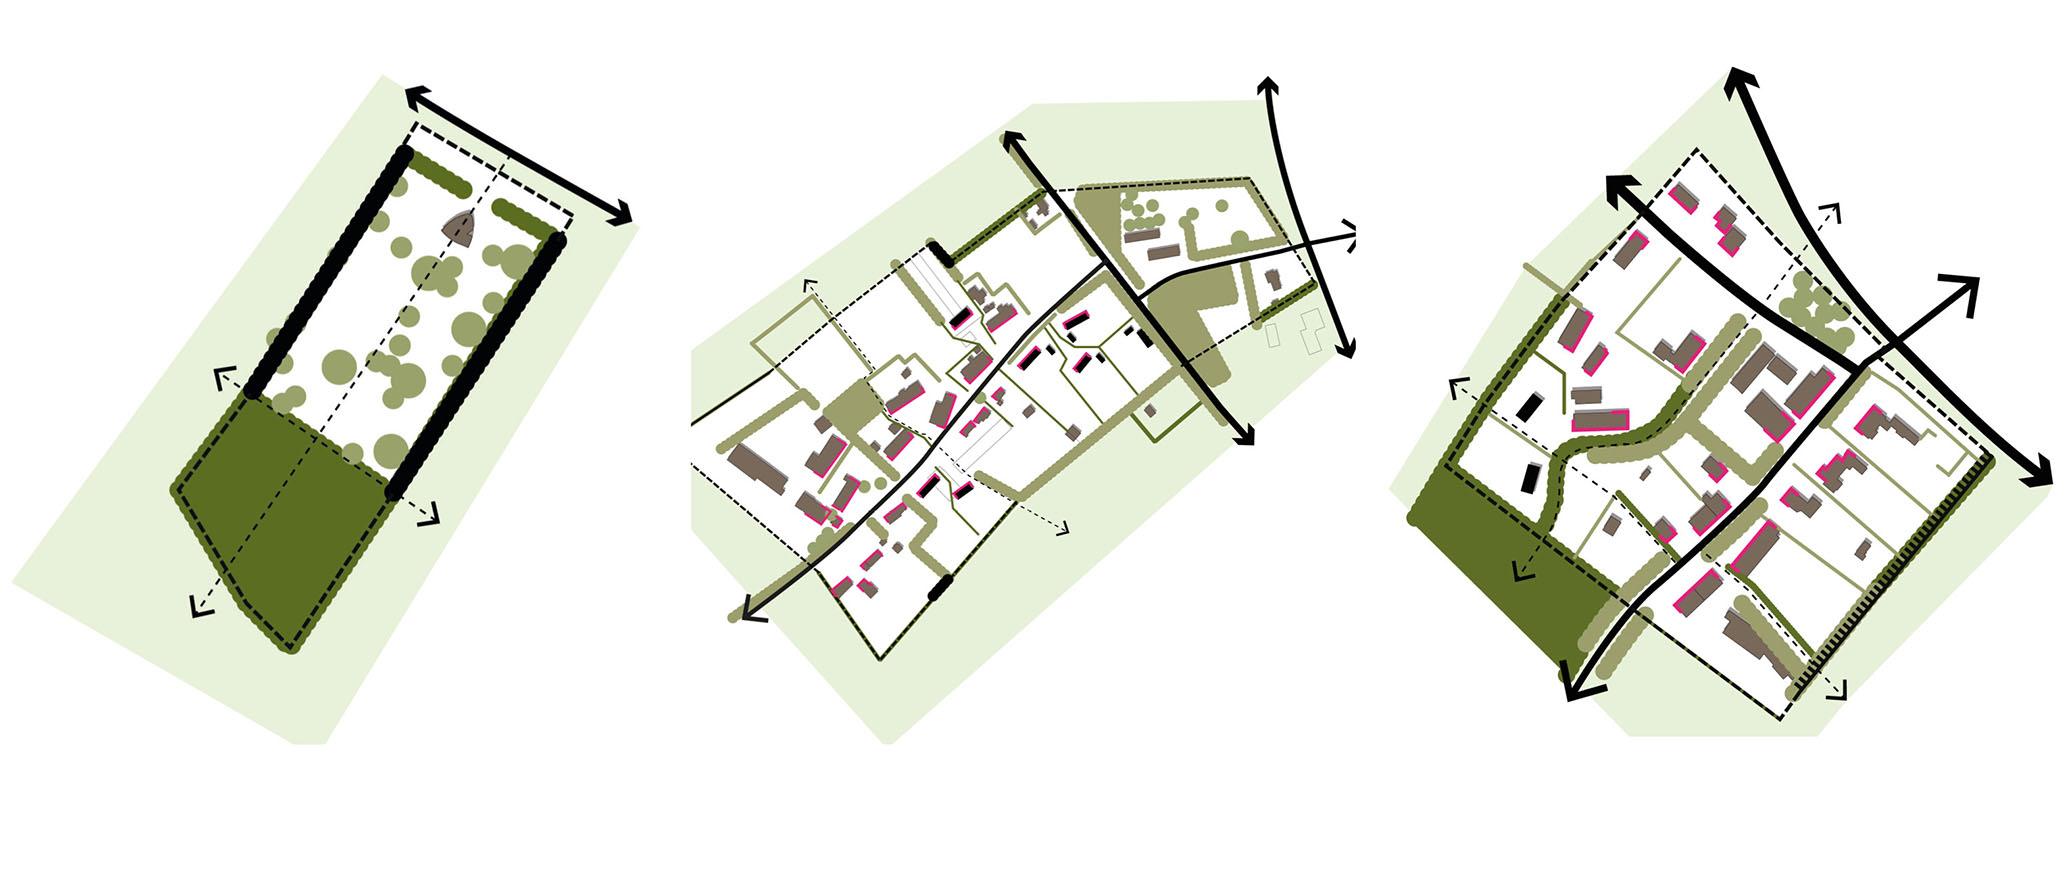 Ontwikkelvisie Hollestraat